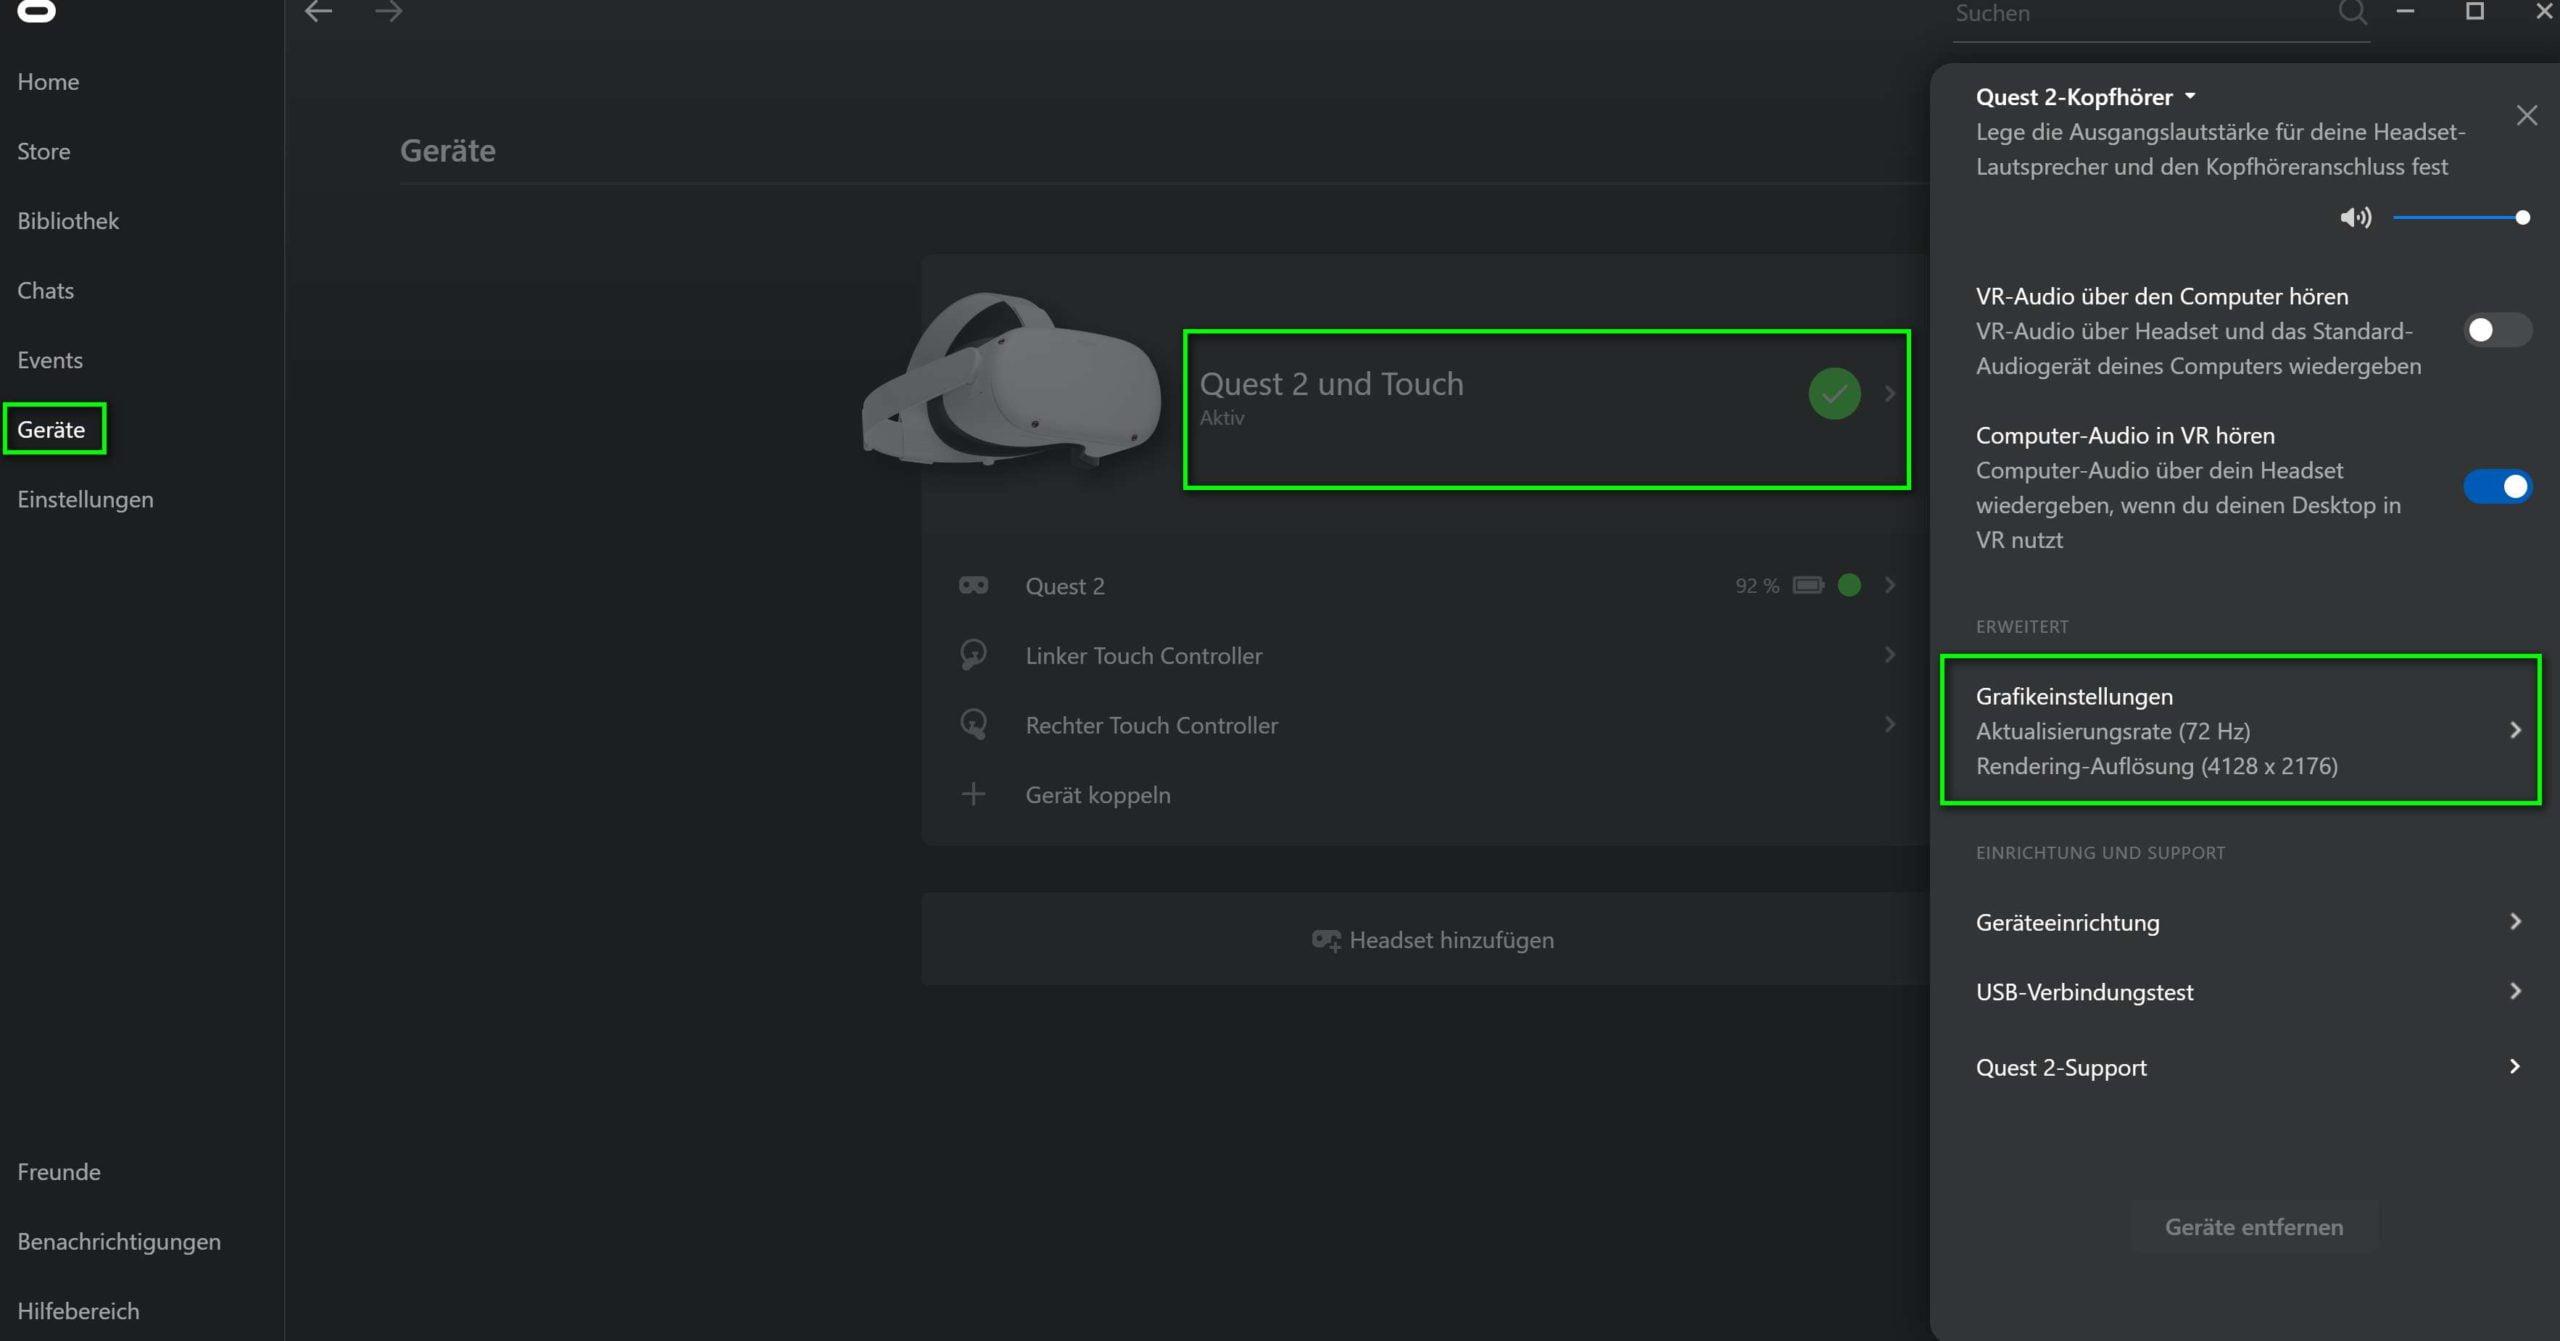 Oculus Link Einstellungen für Bildrate und Auflösung in der Oculus App